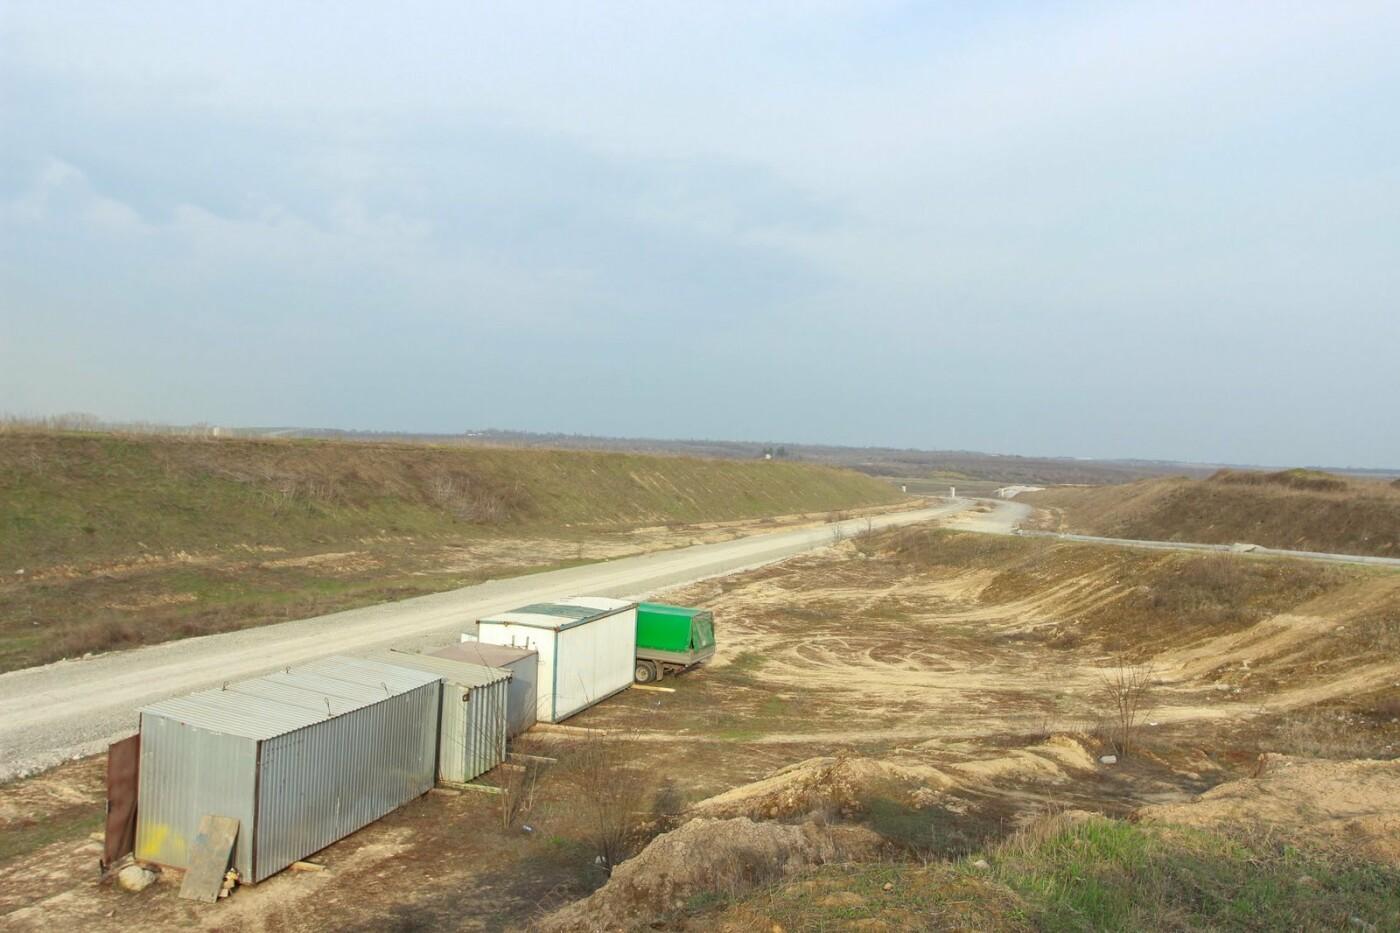 Началось строительство второй очереди объездной дороги вокруг Днепра, фото-2